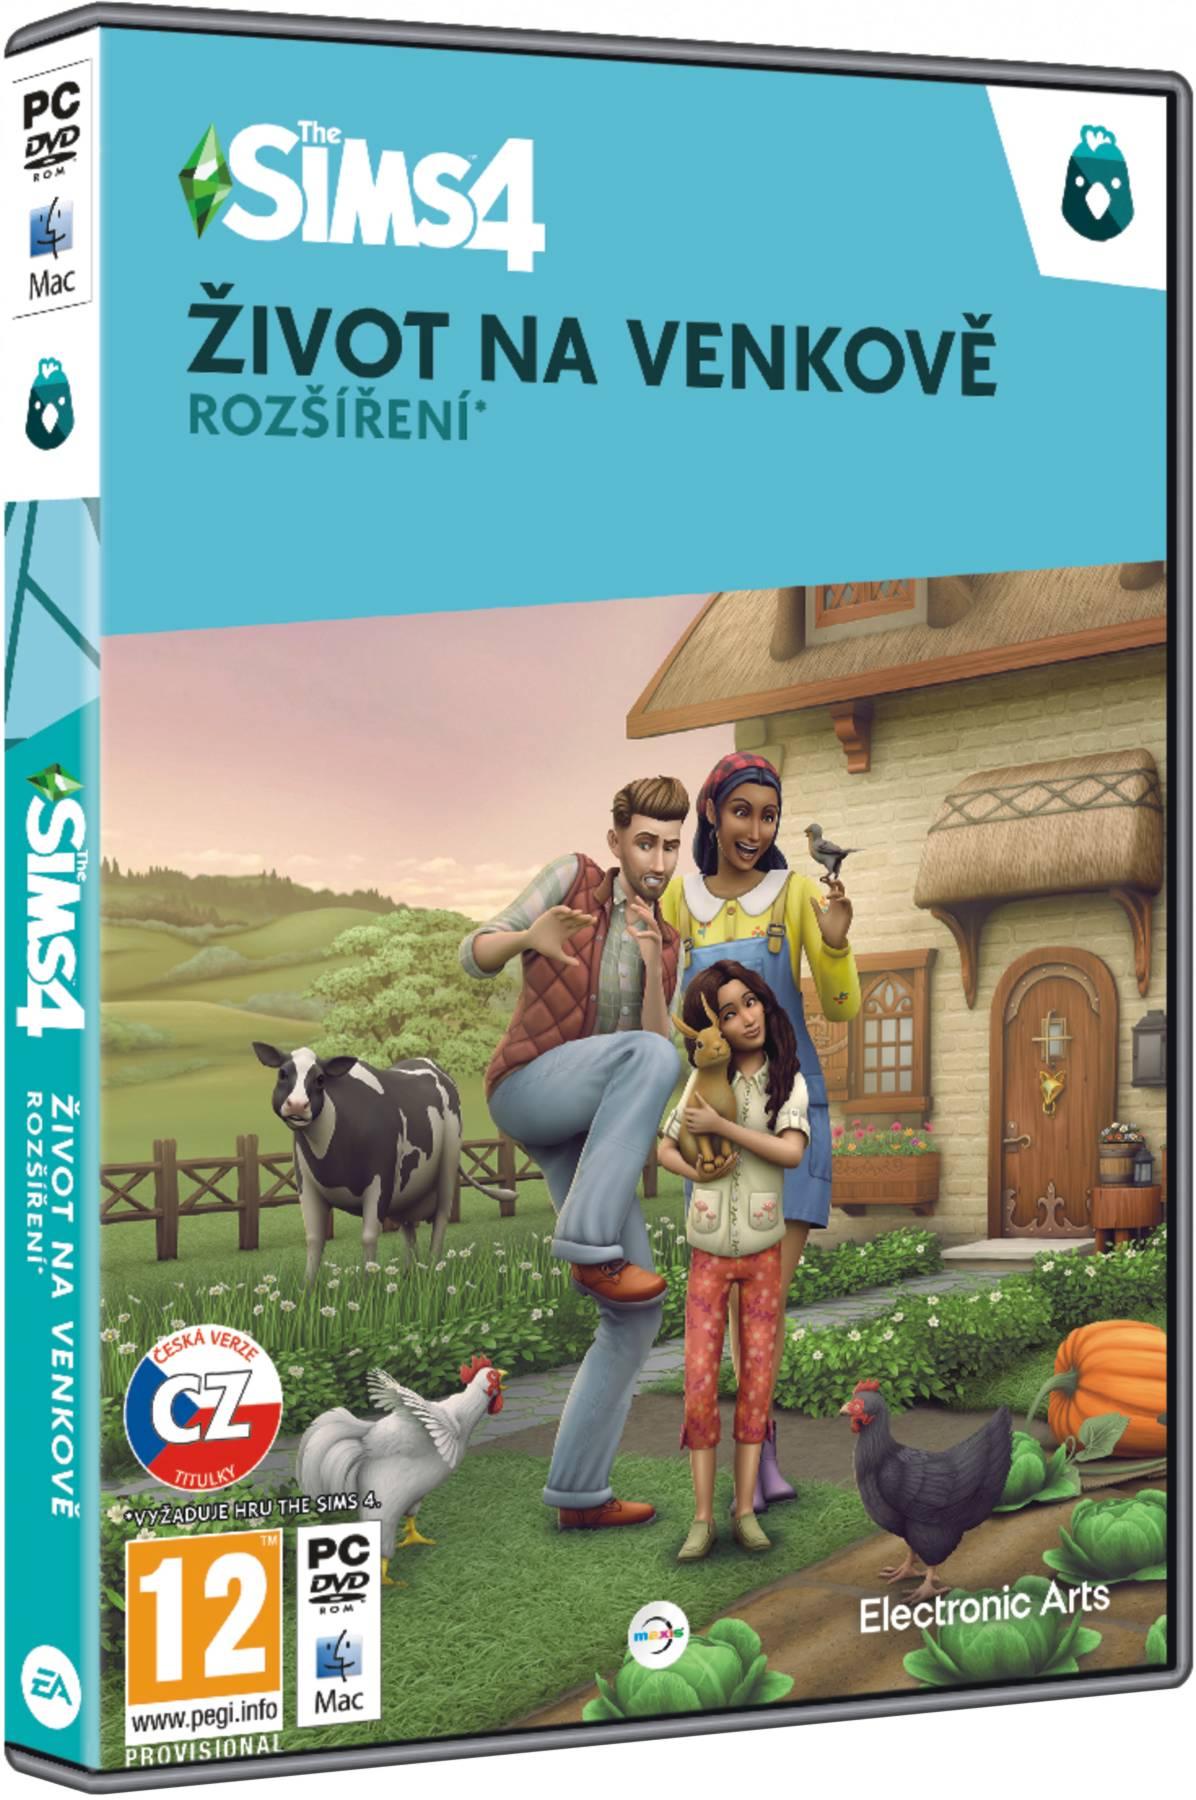 The Sims 4: Život na venkově - PC